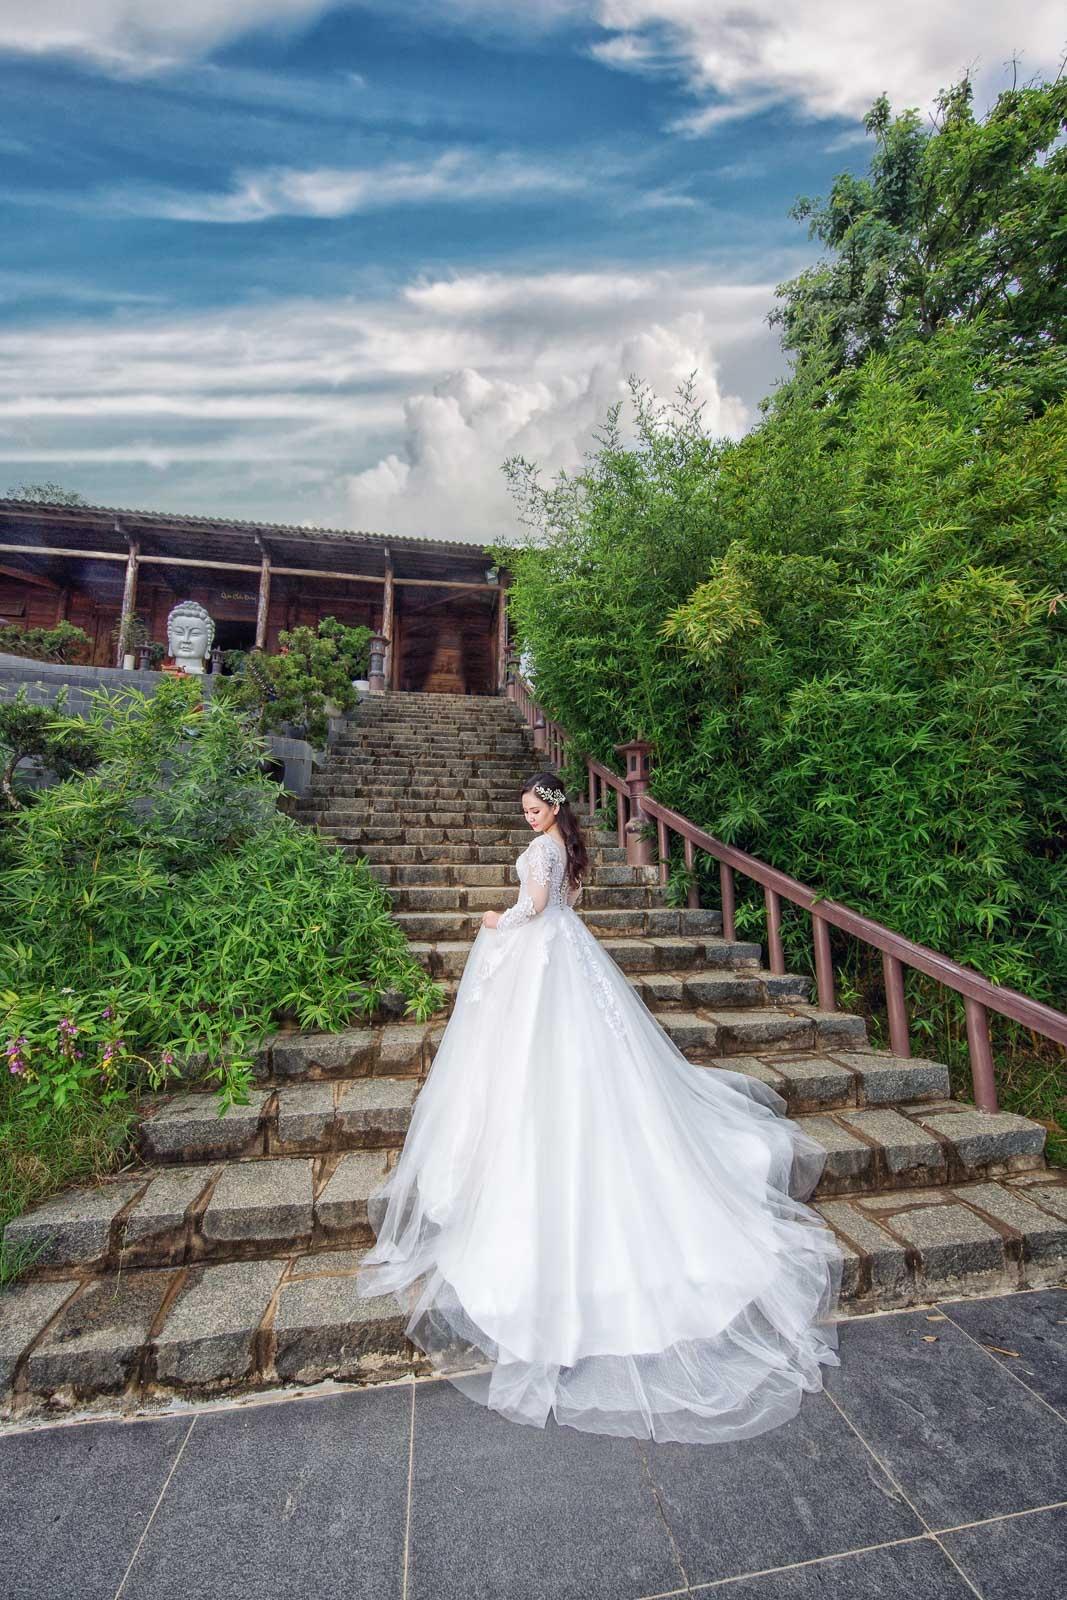 những studio chụp hình cưới đẹp ở Đà Lạt